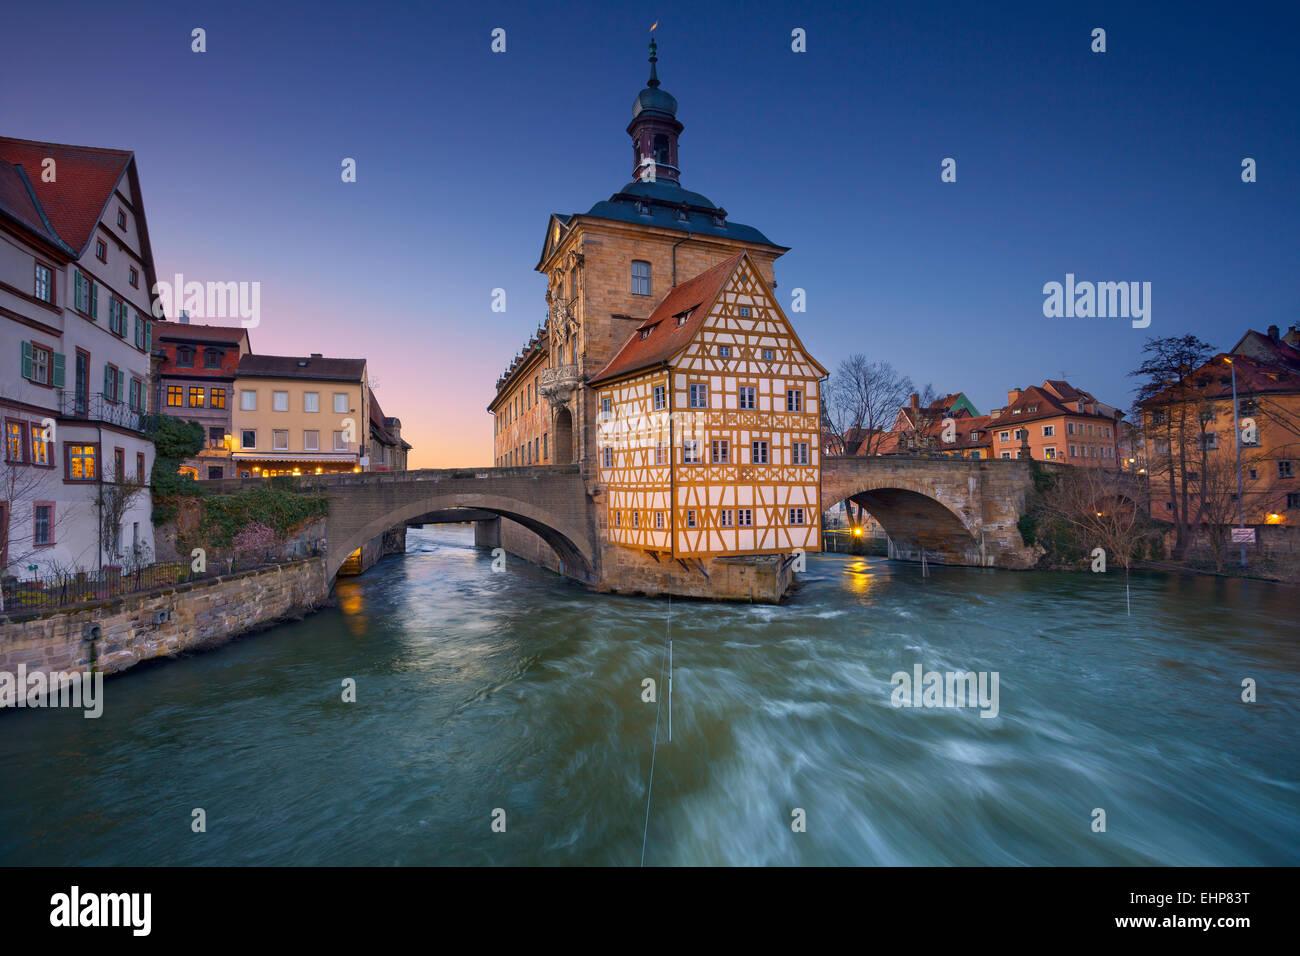 Bamberg. Stadt Bamberg während des Sonnenuntergangs. UNESCO-Welterbe und berühmt für sein mittelalterliches Stockbild